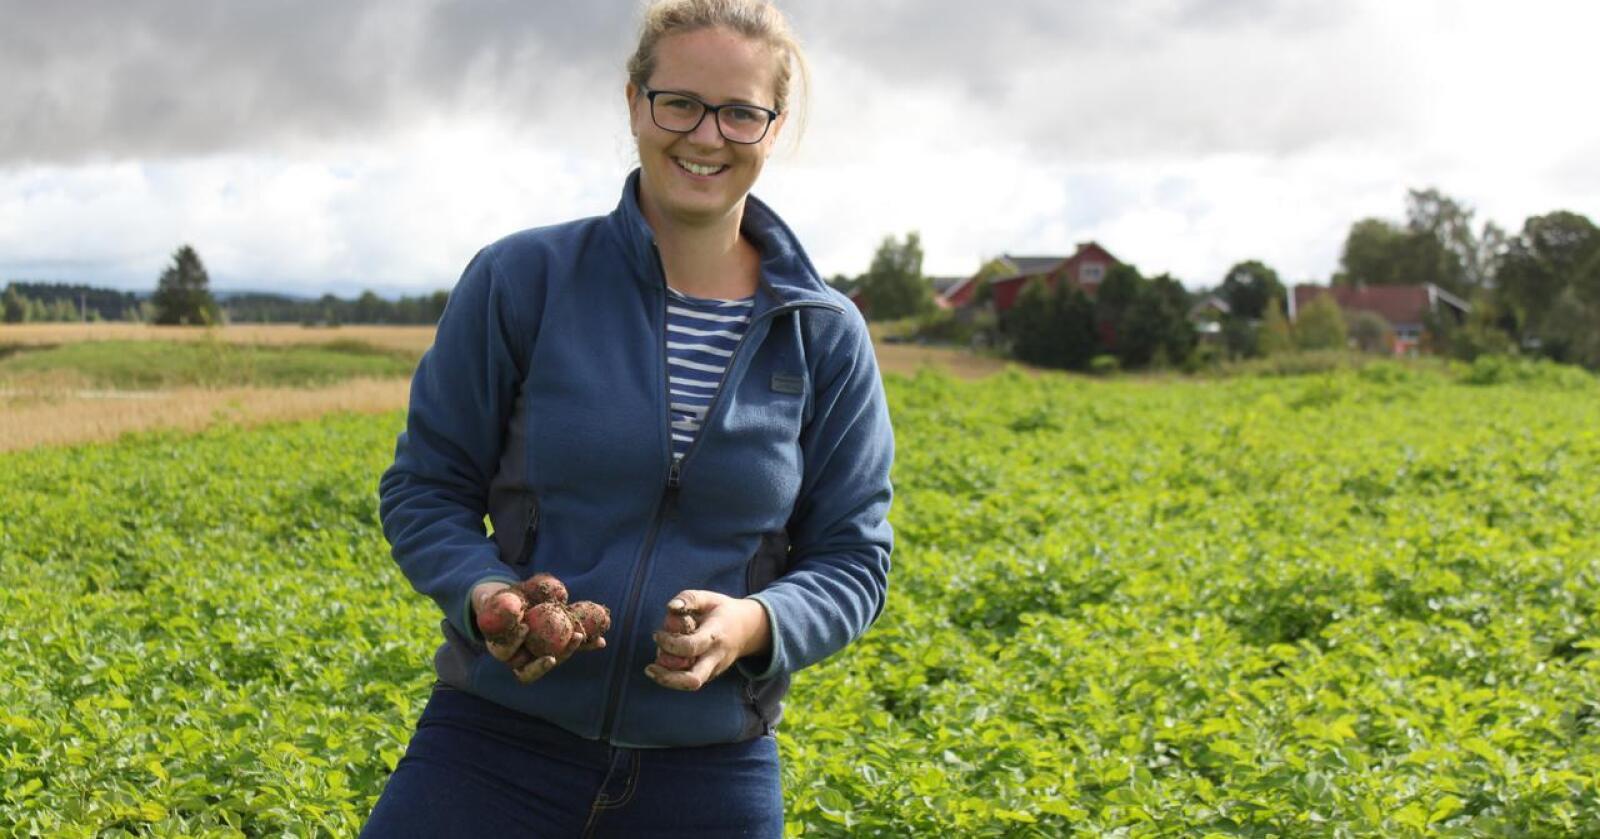 Mari Henrikke Gunnarsdotter Vandsemb (35) produserer bygg og settepotet i Nes kommune. Arkivfoto: Norsk Landbruk.